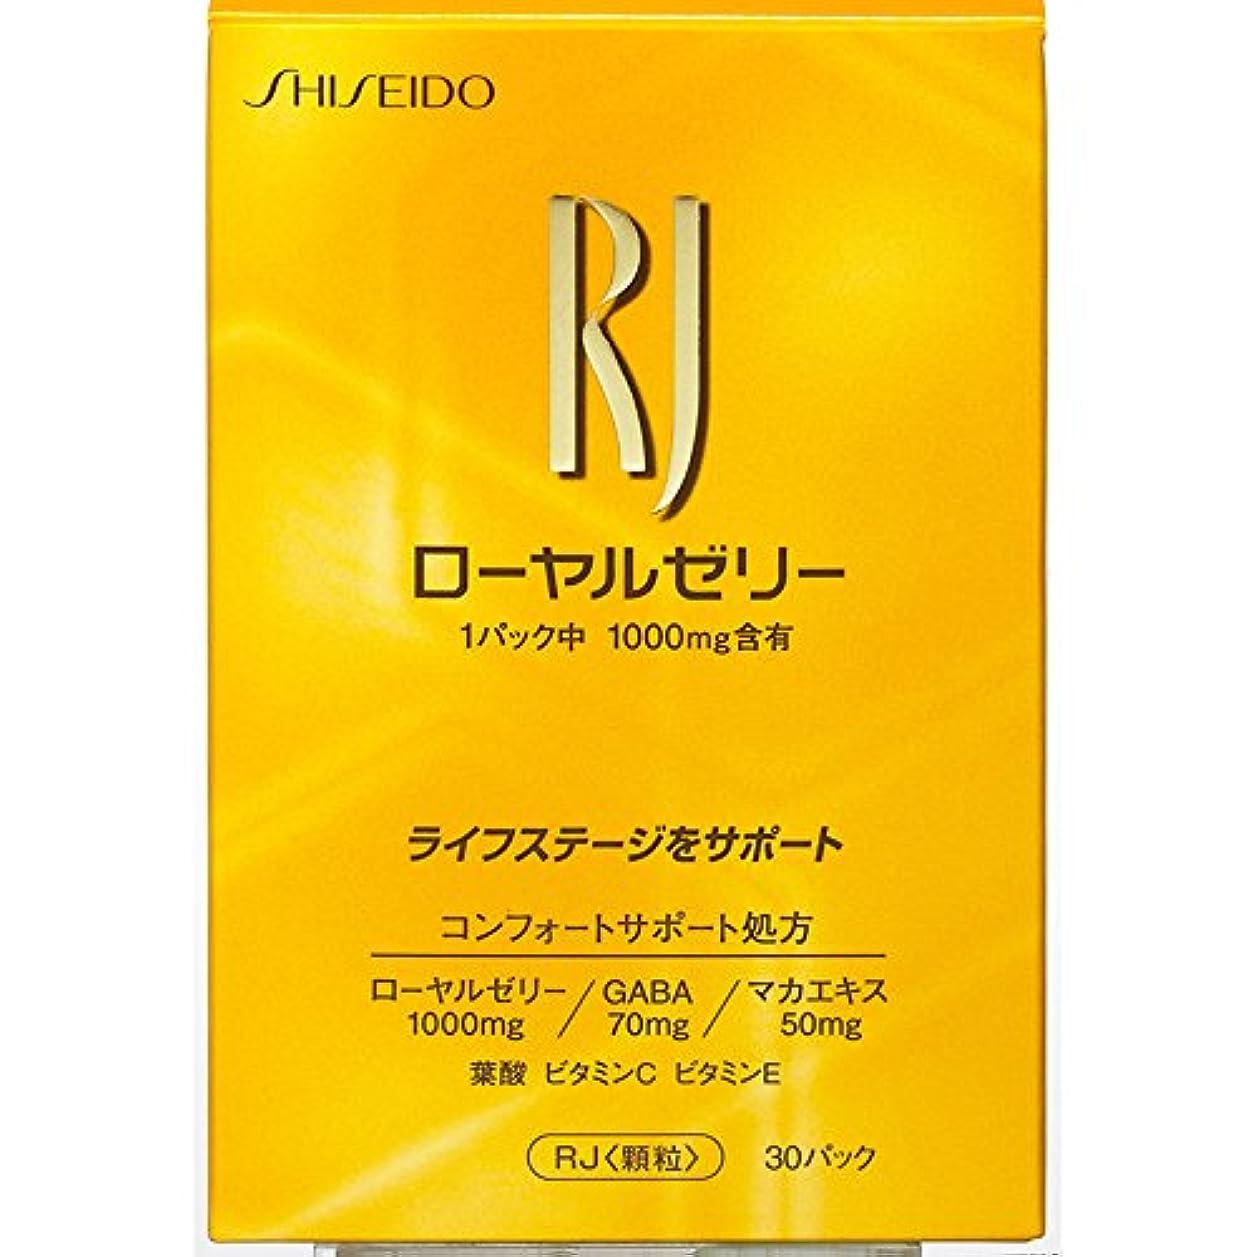 メディック宿る縫い目RJ(ローヤルゼリー) < 顆粒 > (N) 1.5gX30パック